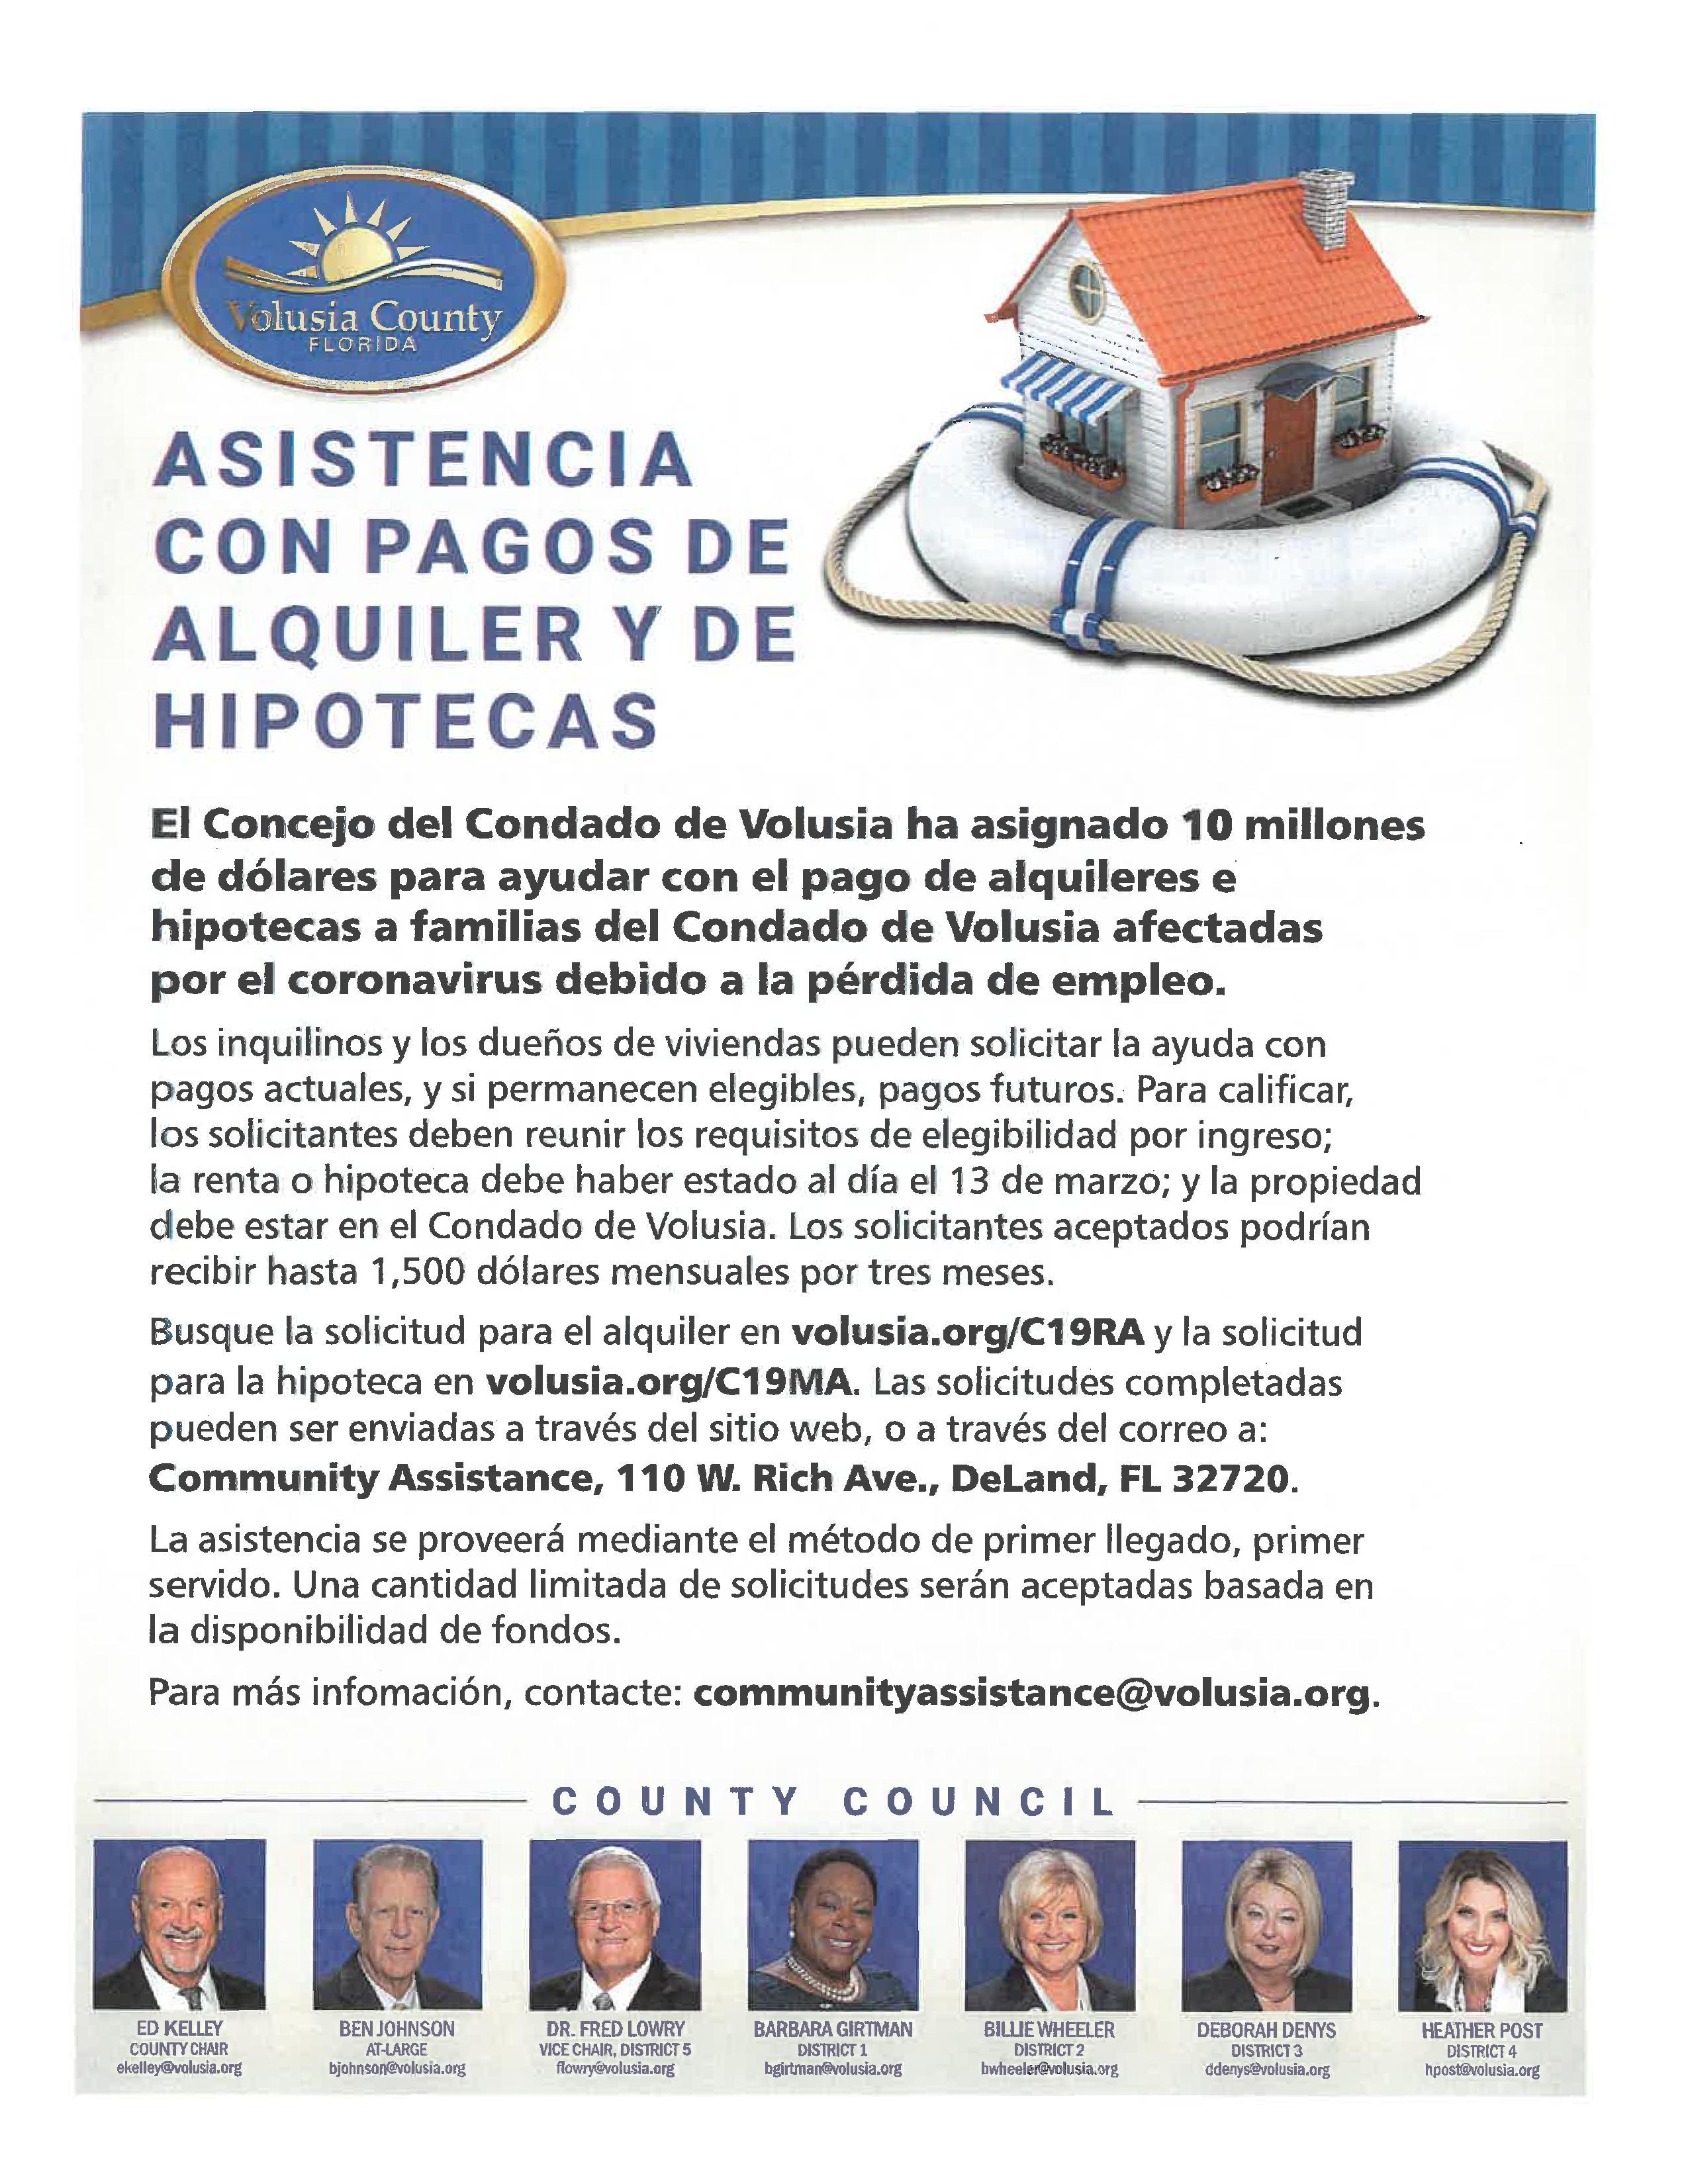 Asistencia con Pagos de Alquiler y de Hipotecas